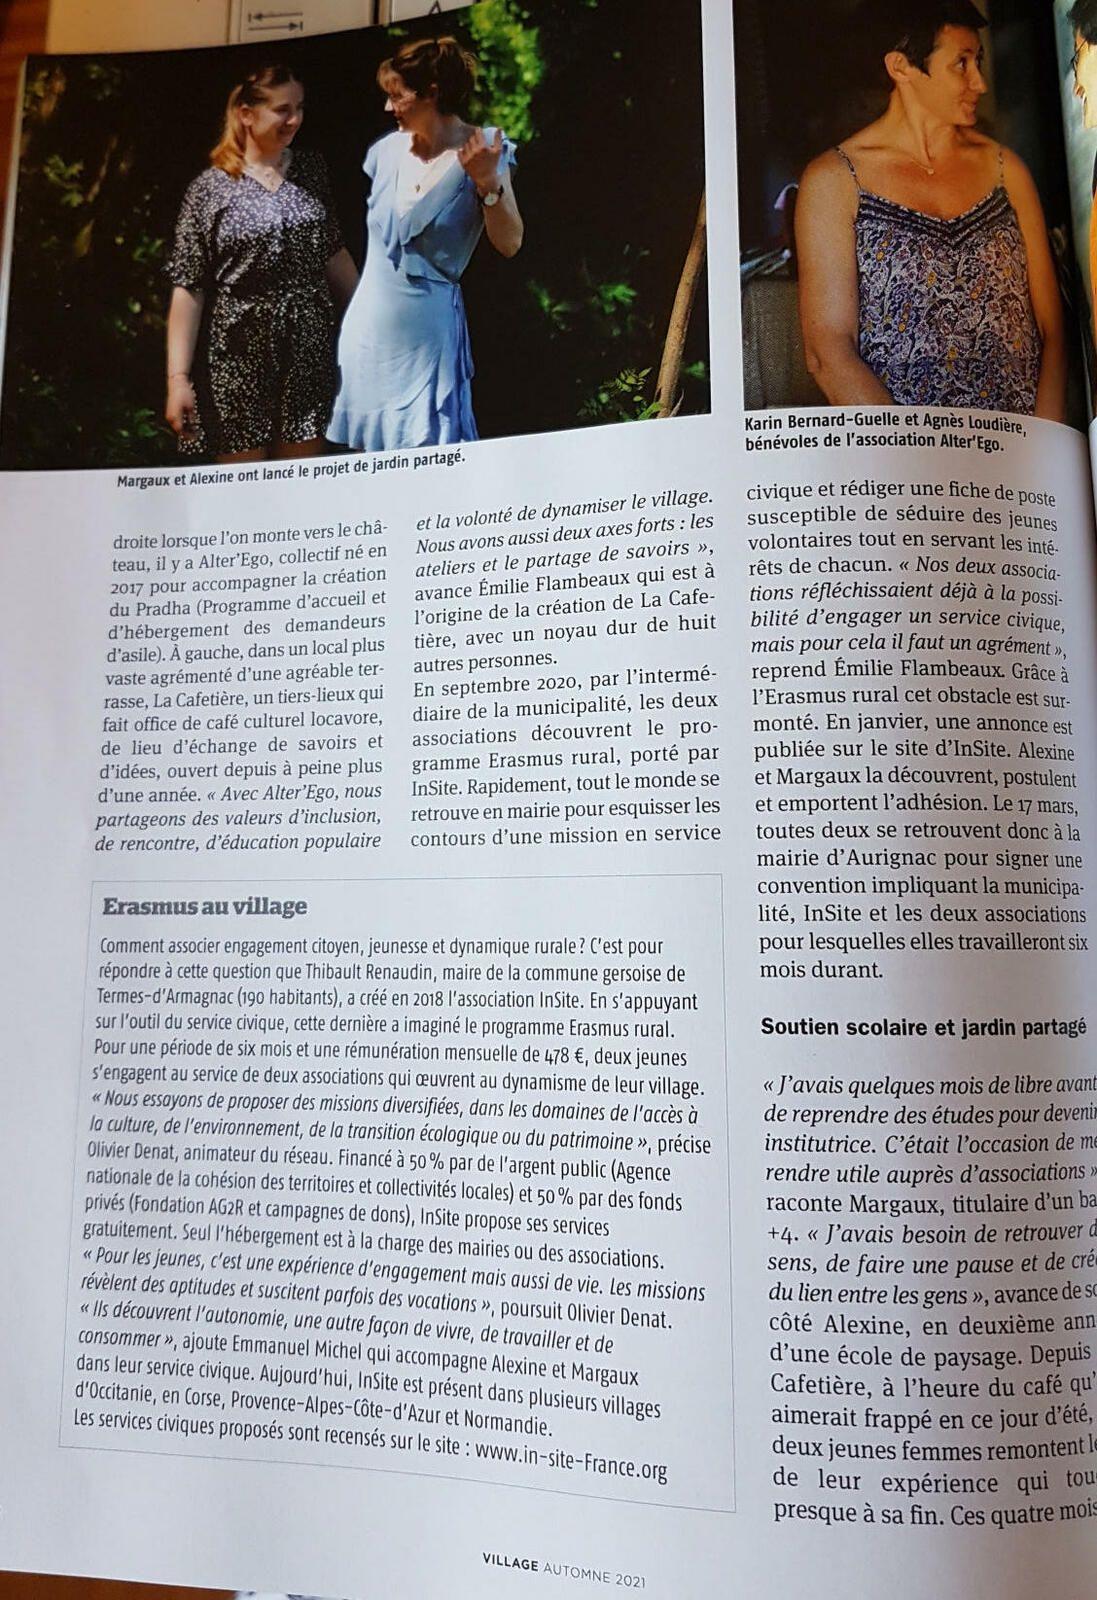 Aurignac - Des jeunes au service du village - Dans le magazine Village Septembre 2021